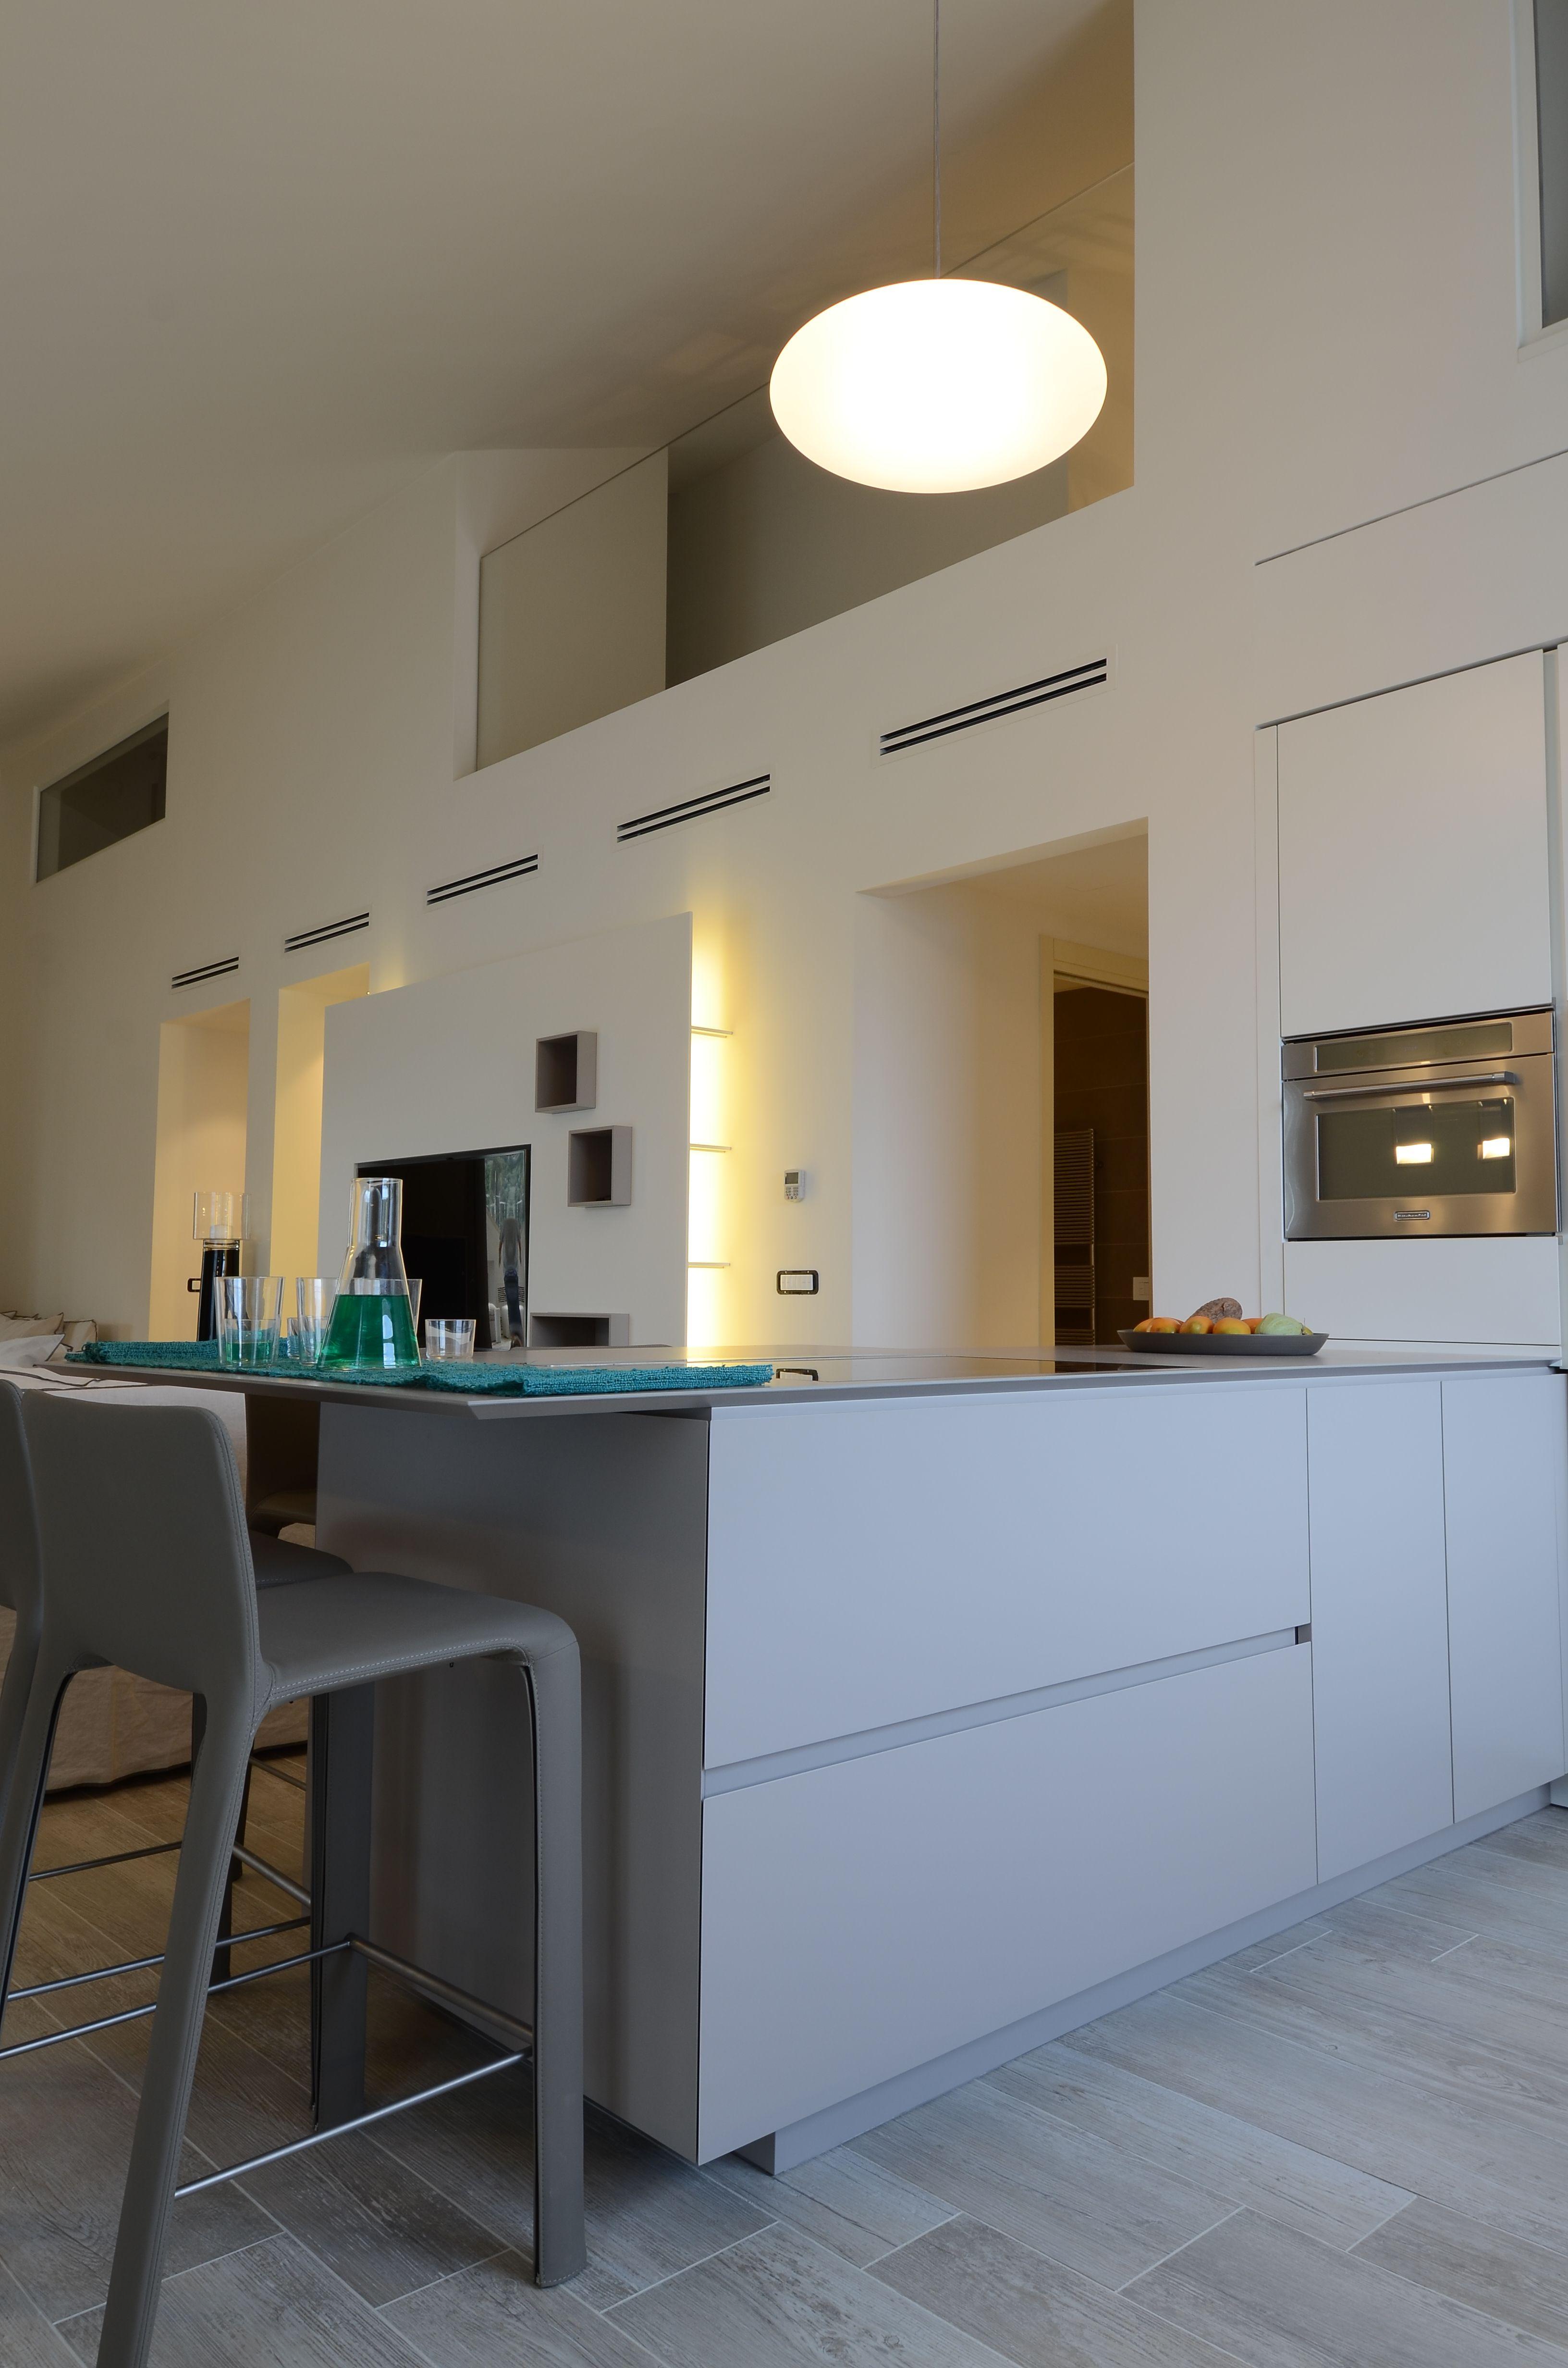 Cucina modello #Artex di #Varenna, #elettrodomestici #KitchenAid ...